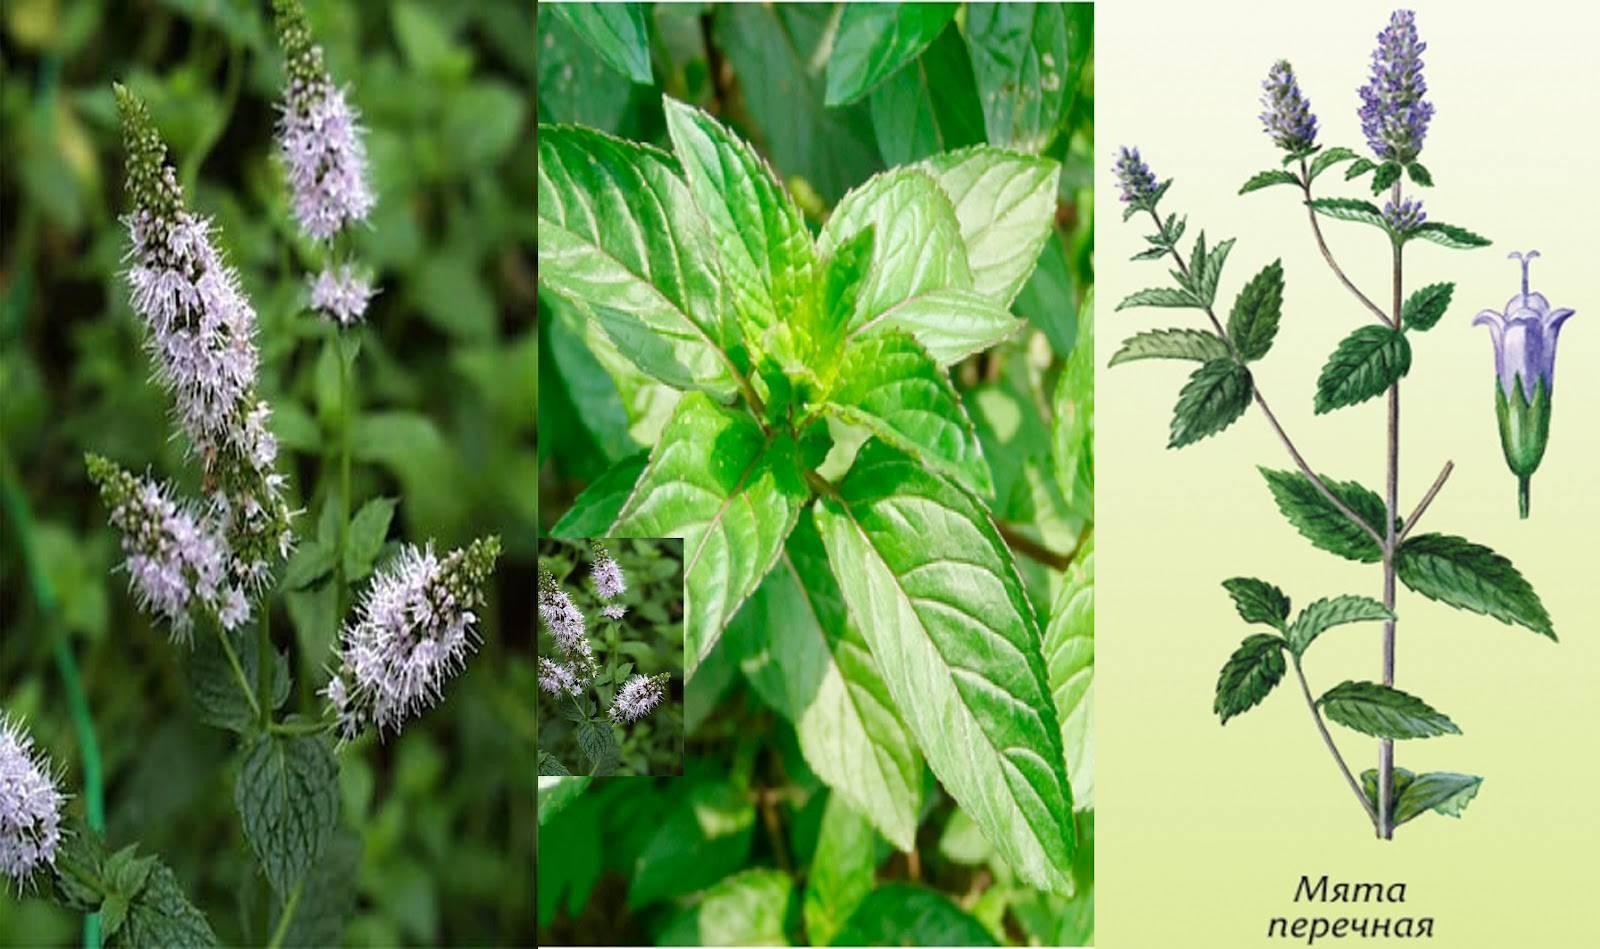 Мята: виды и сорта - agroflora.ru